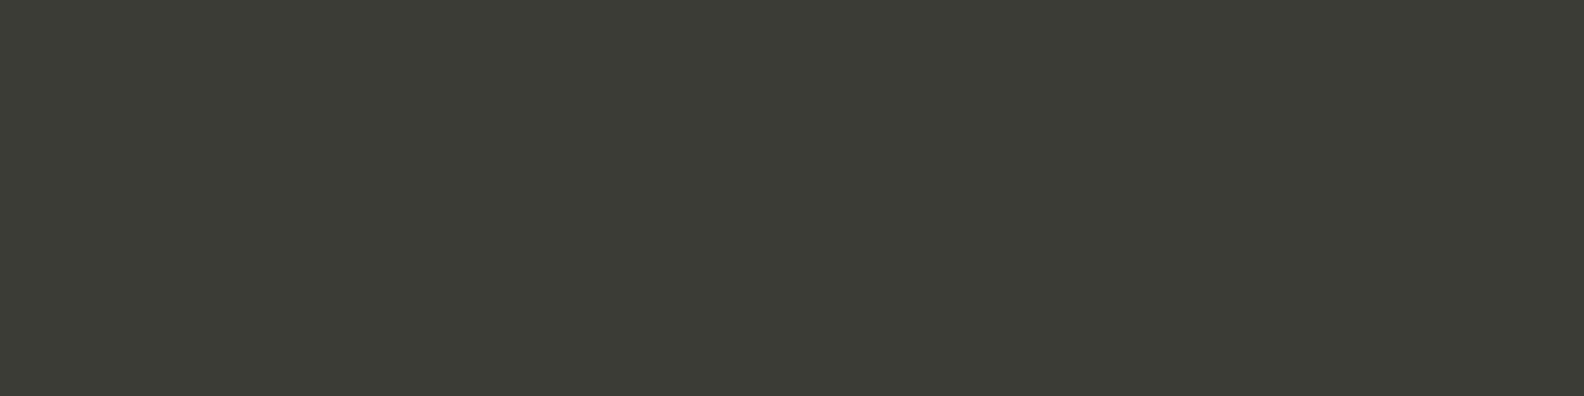 1584x396 Black Olive Solid Color Background